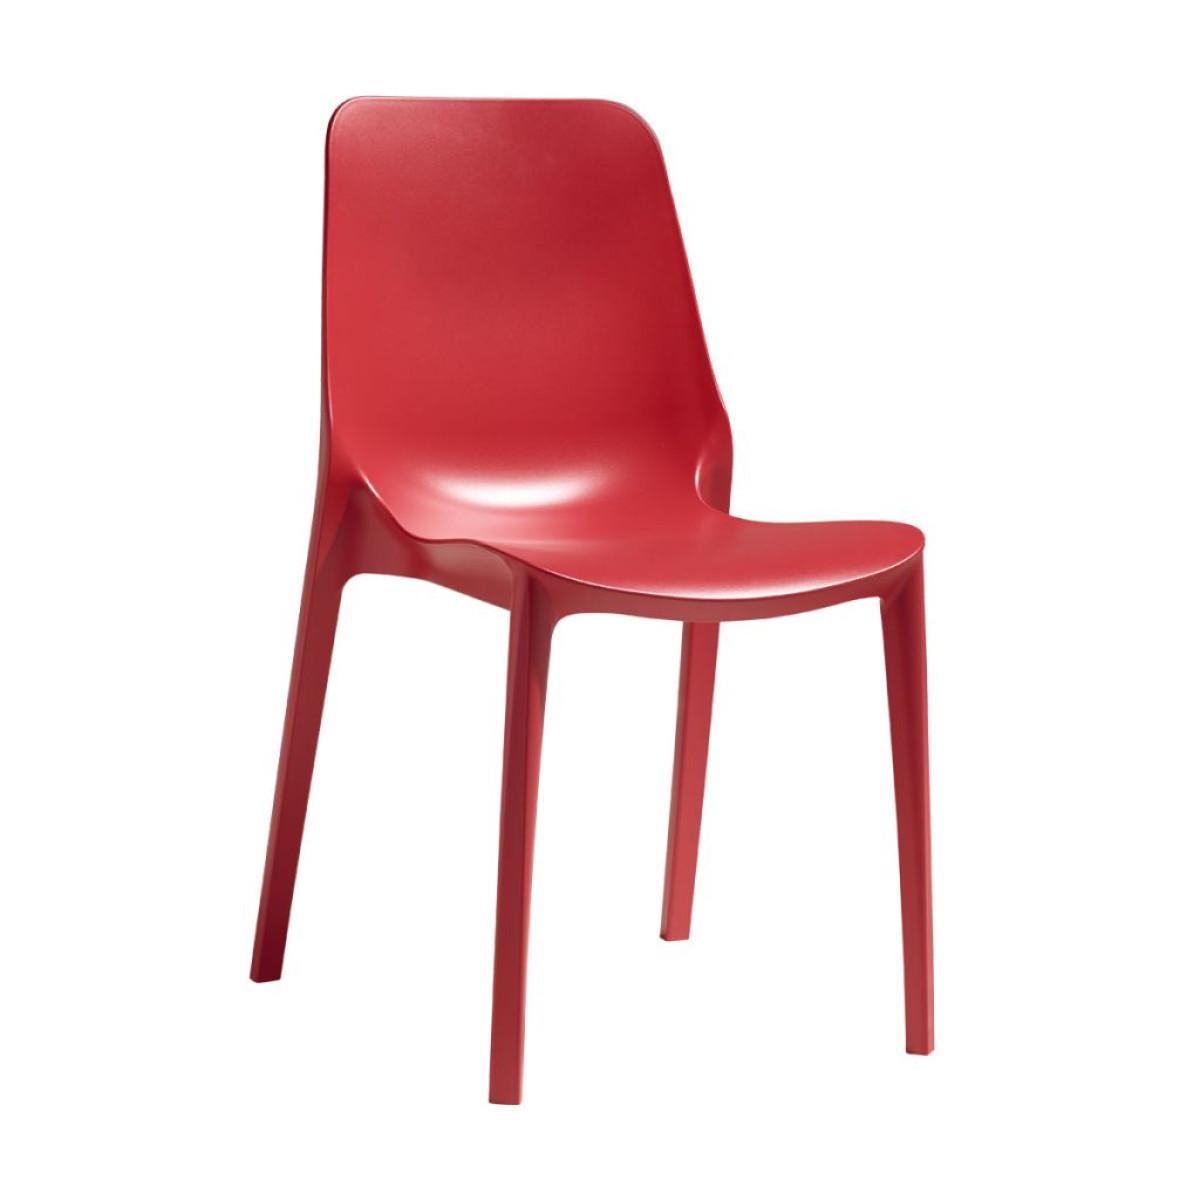 office chairs zimbabwe patio set with swivel ginevra